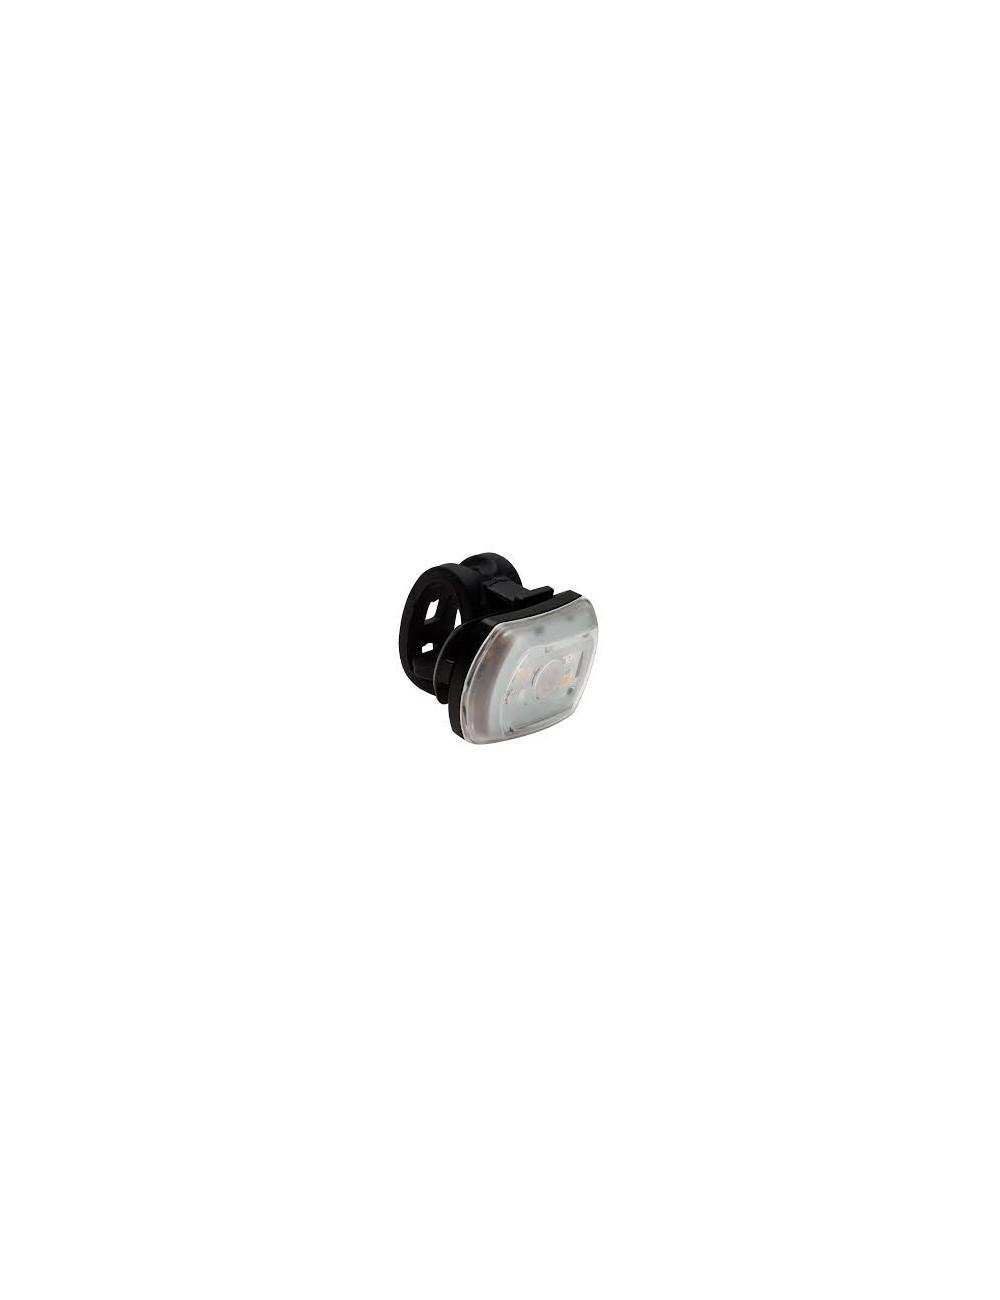 LUZES BLACKBURN CLICK USB FRENTE PRETA